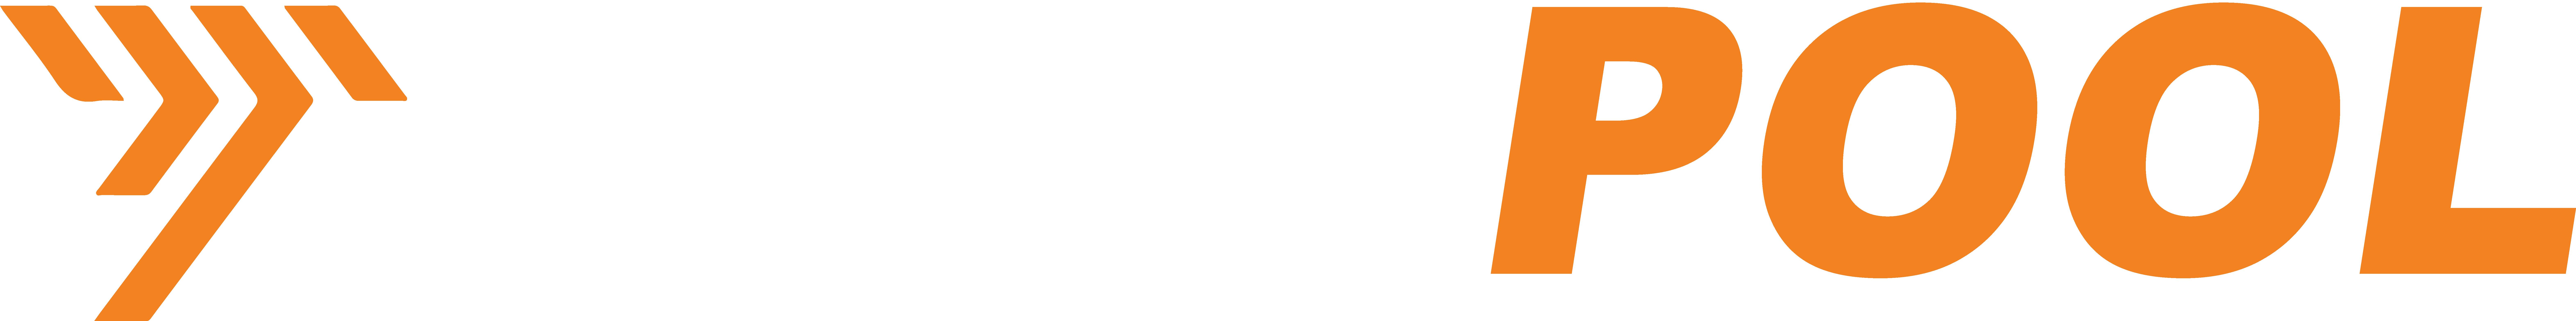 TyrePool Logo